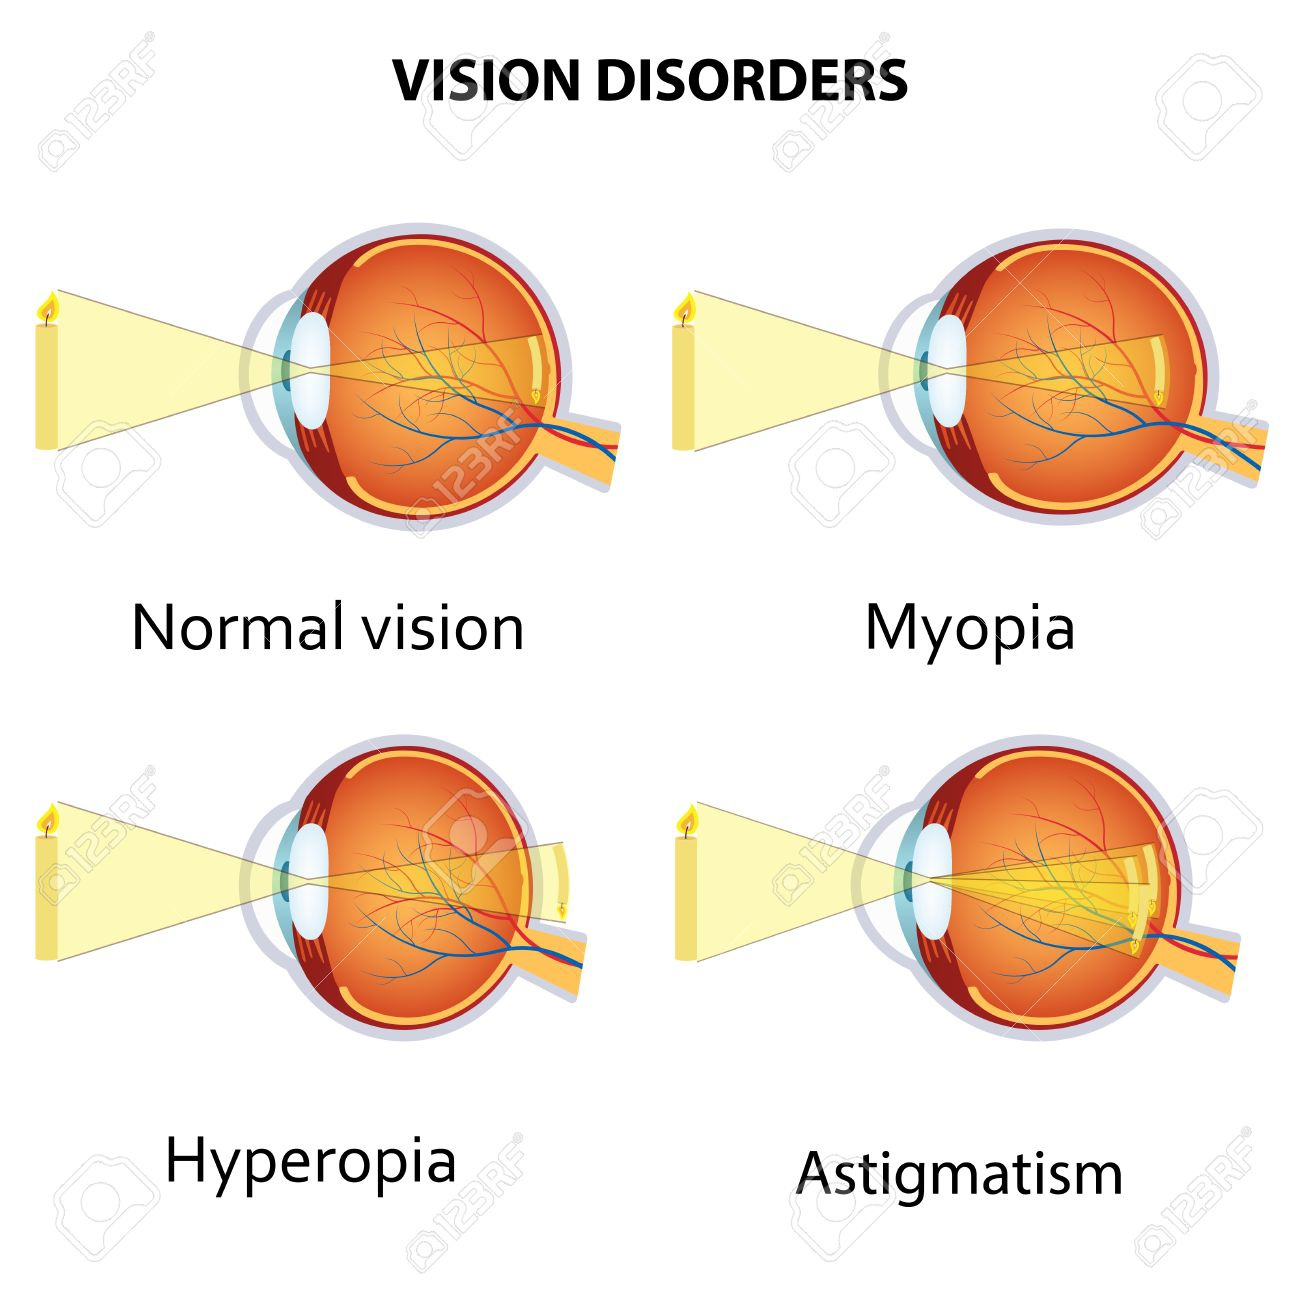 mi a hyperopia és a myopia